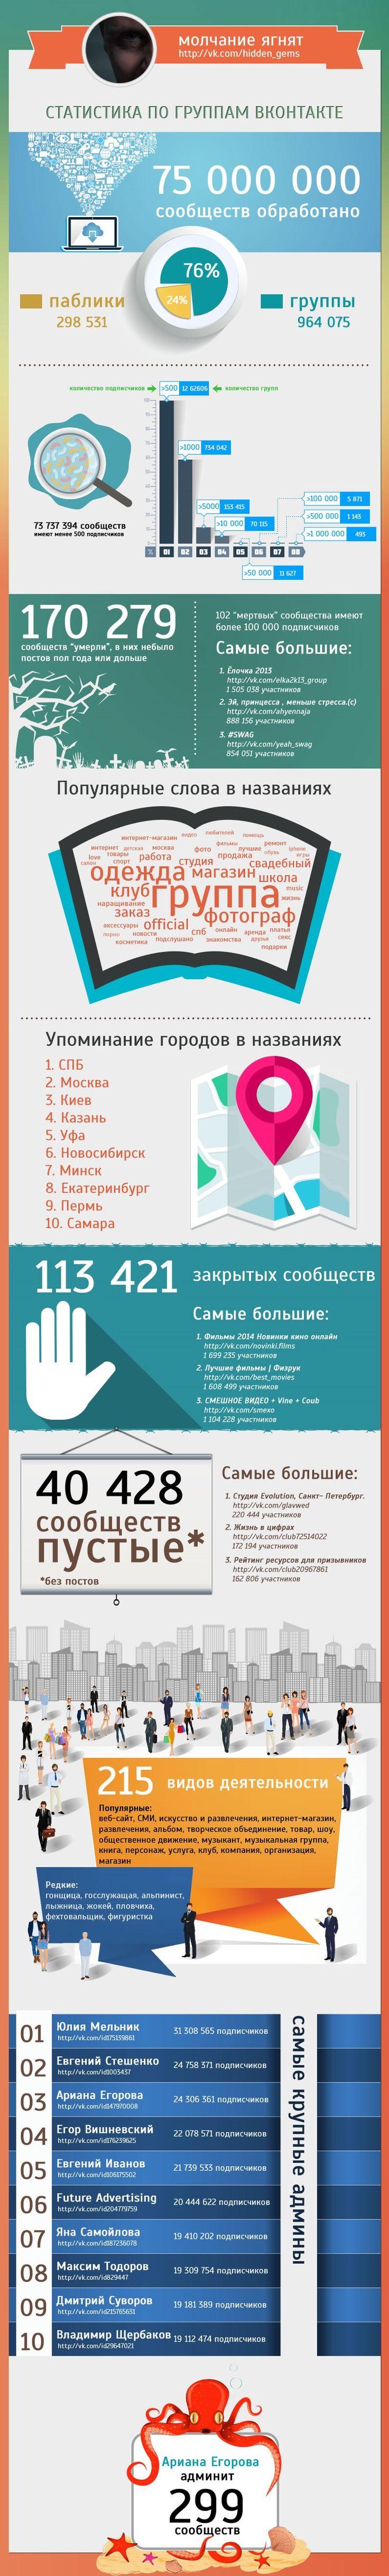 Занимательная инфографика по 70 000 000 сообществ ВКонтакте